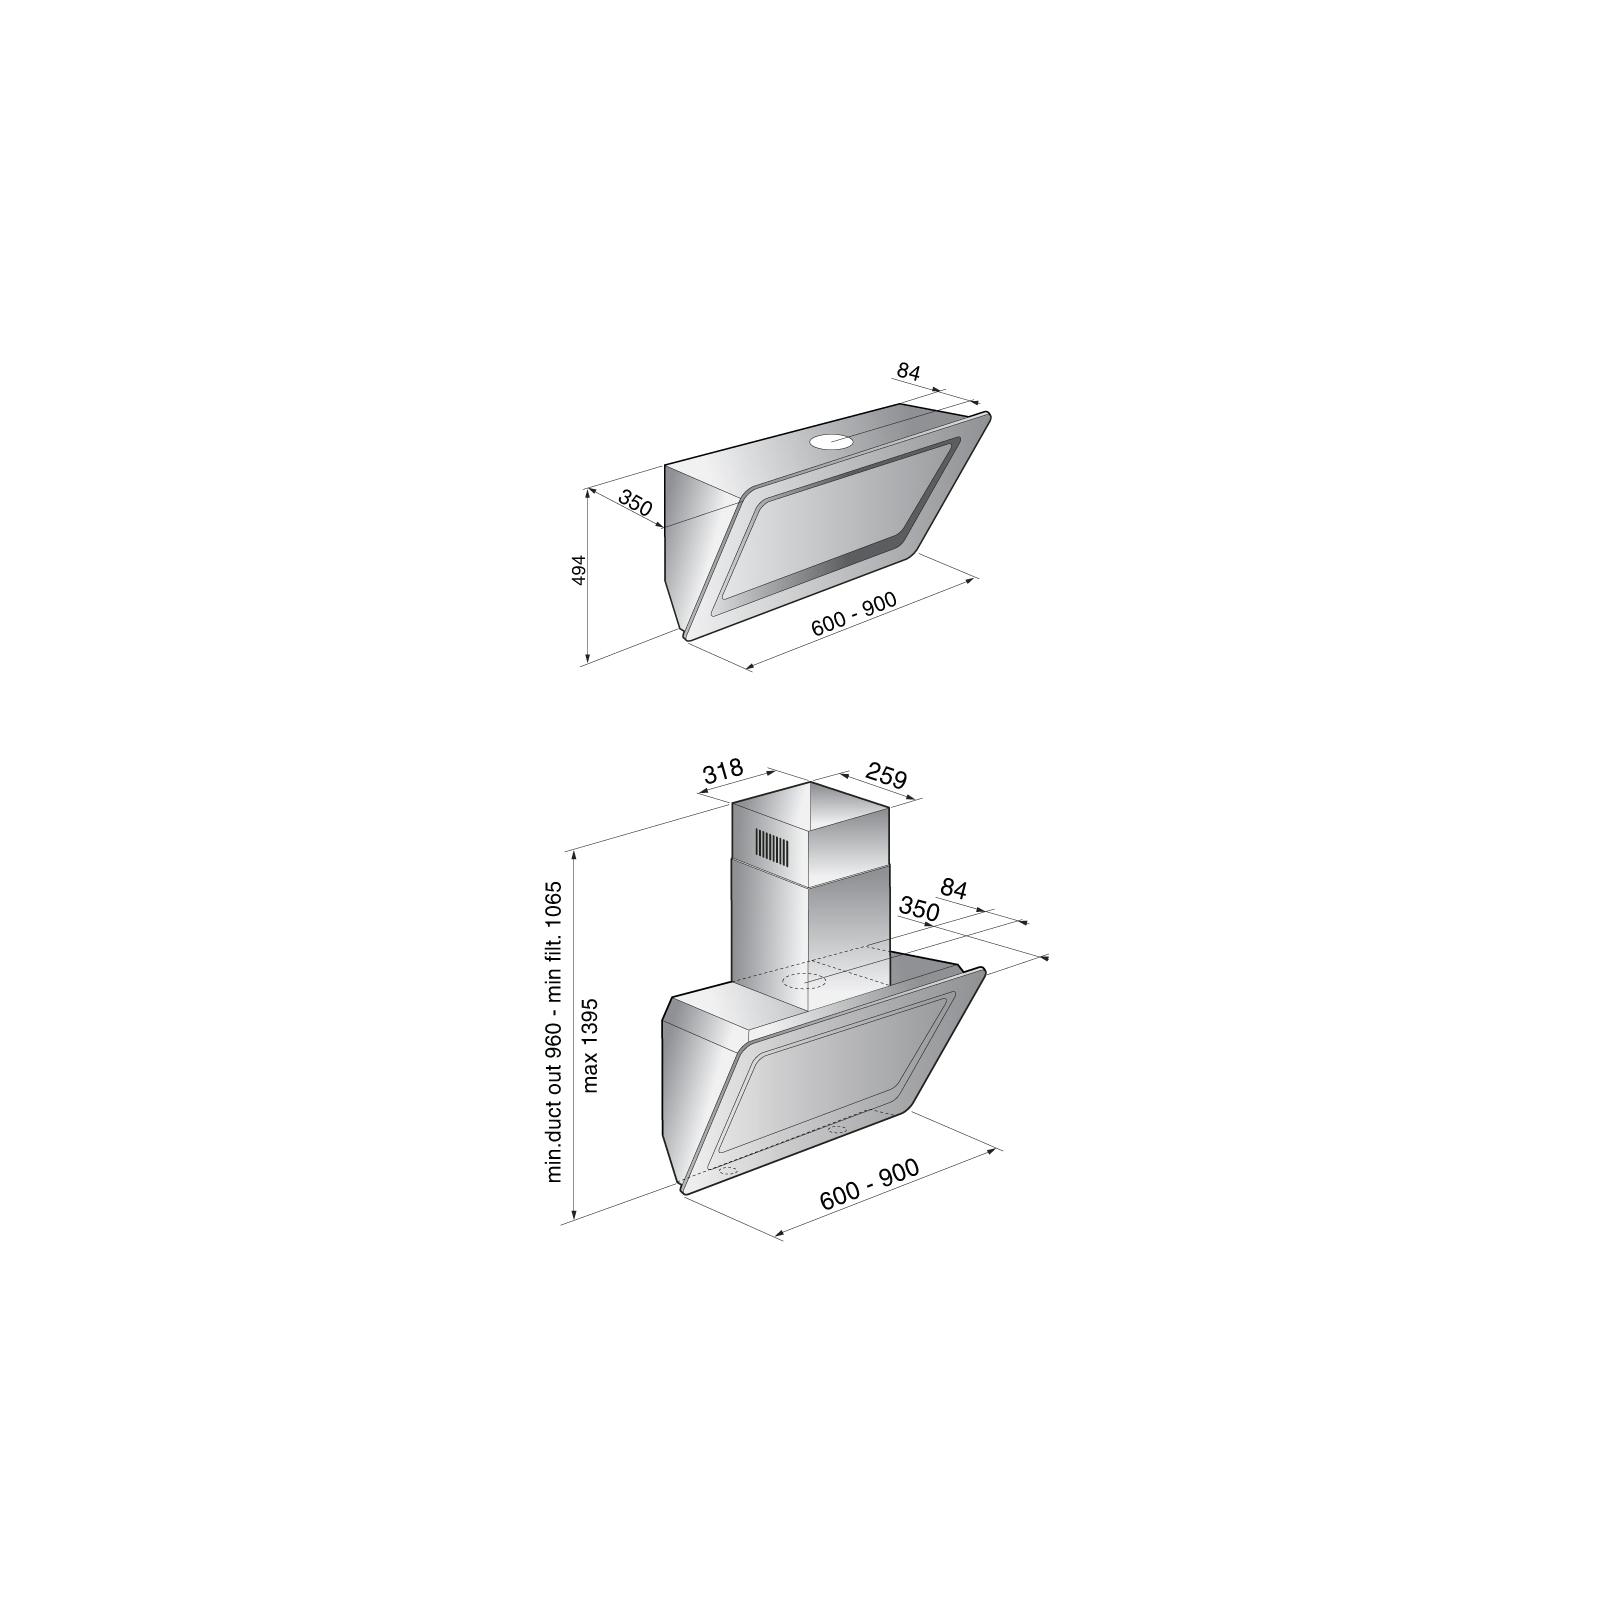 Вытяжка кухонная Zirtal ONYX 90 WH изображение 2